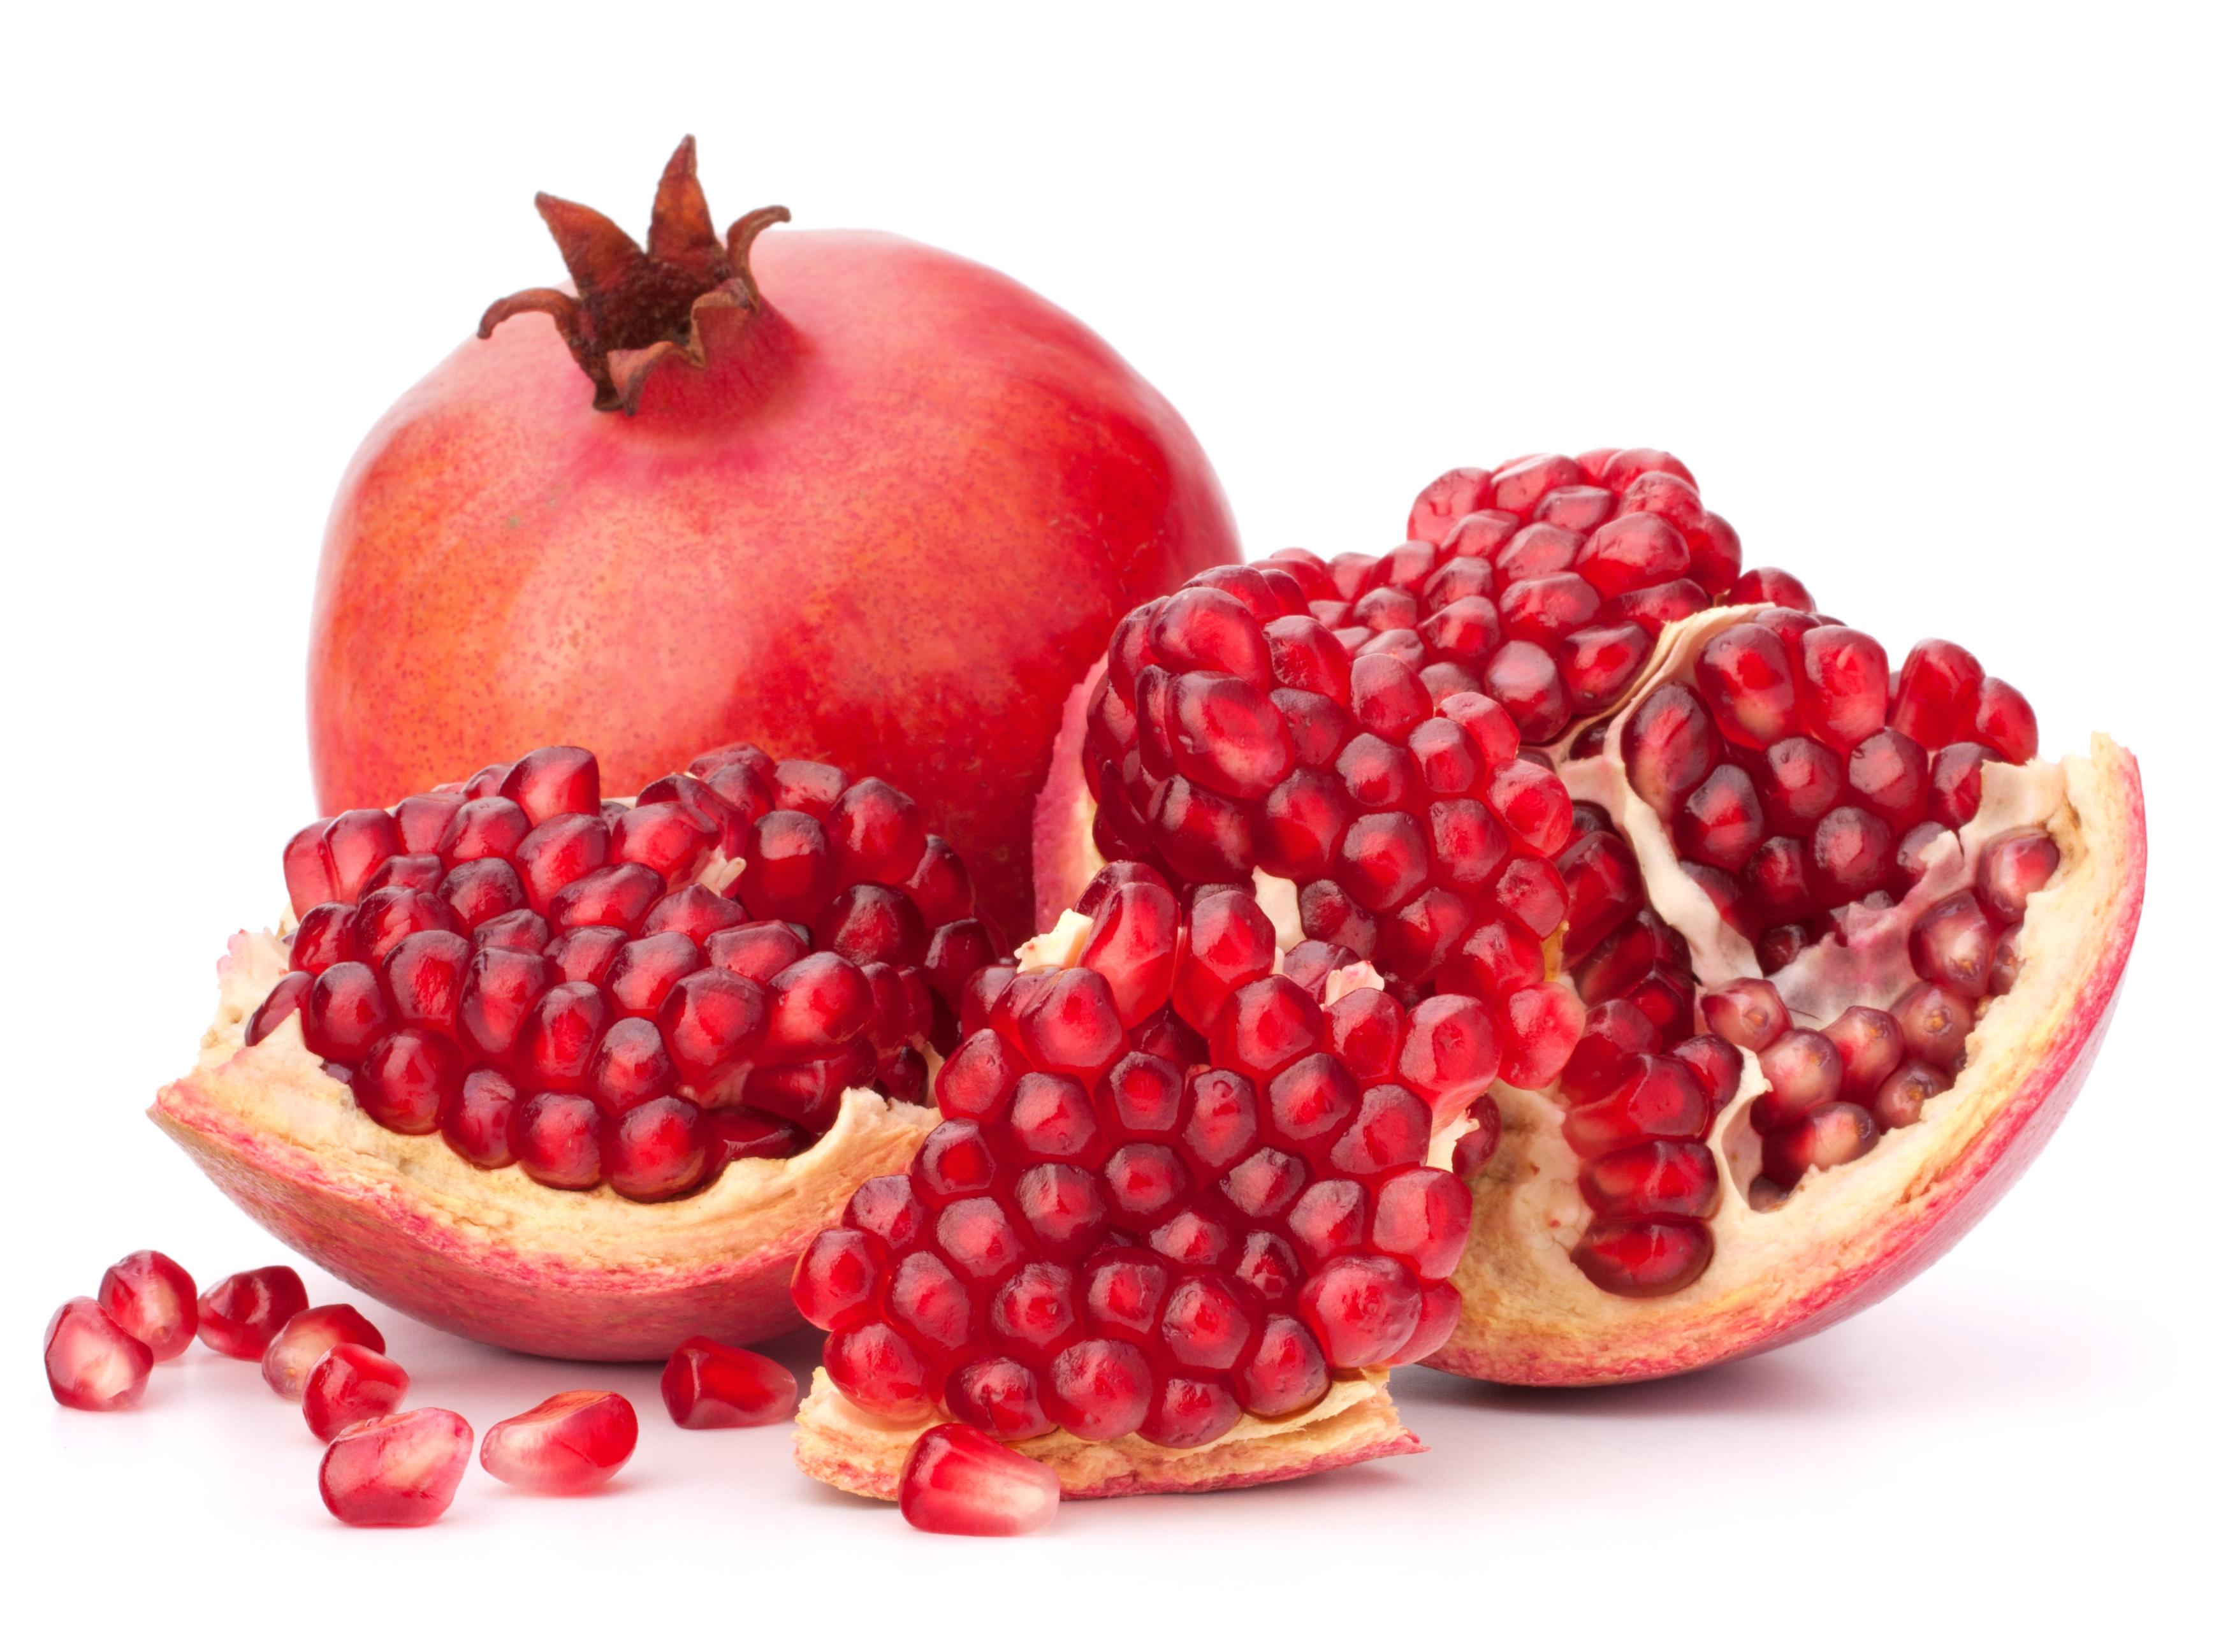 Antiossidanti anti raggi UV: rosmarino, melograno, semi di vite